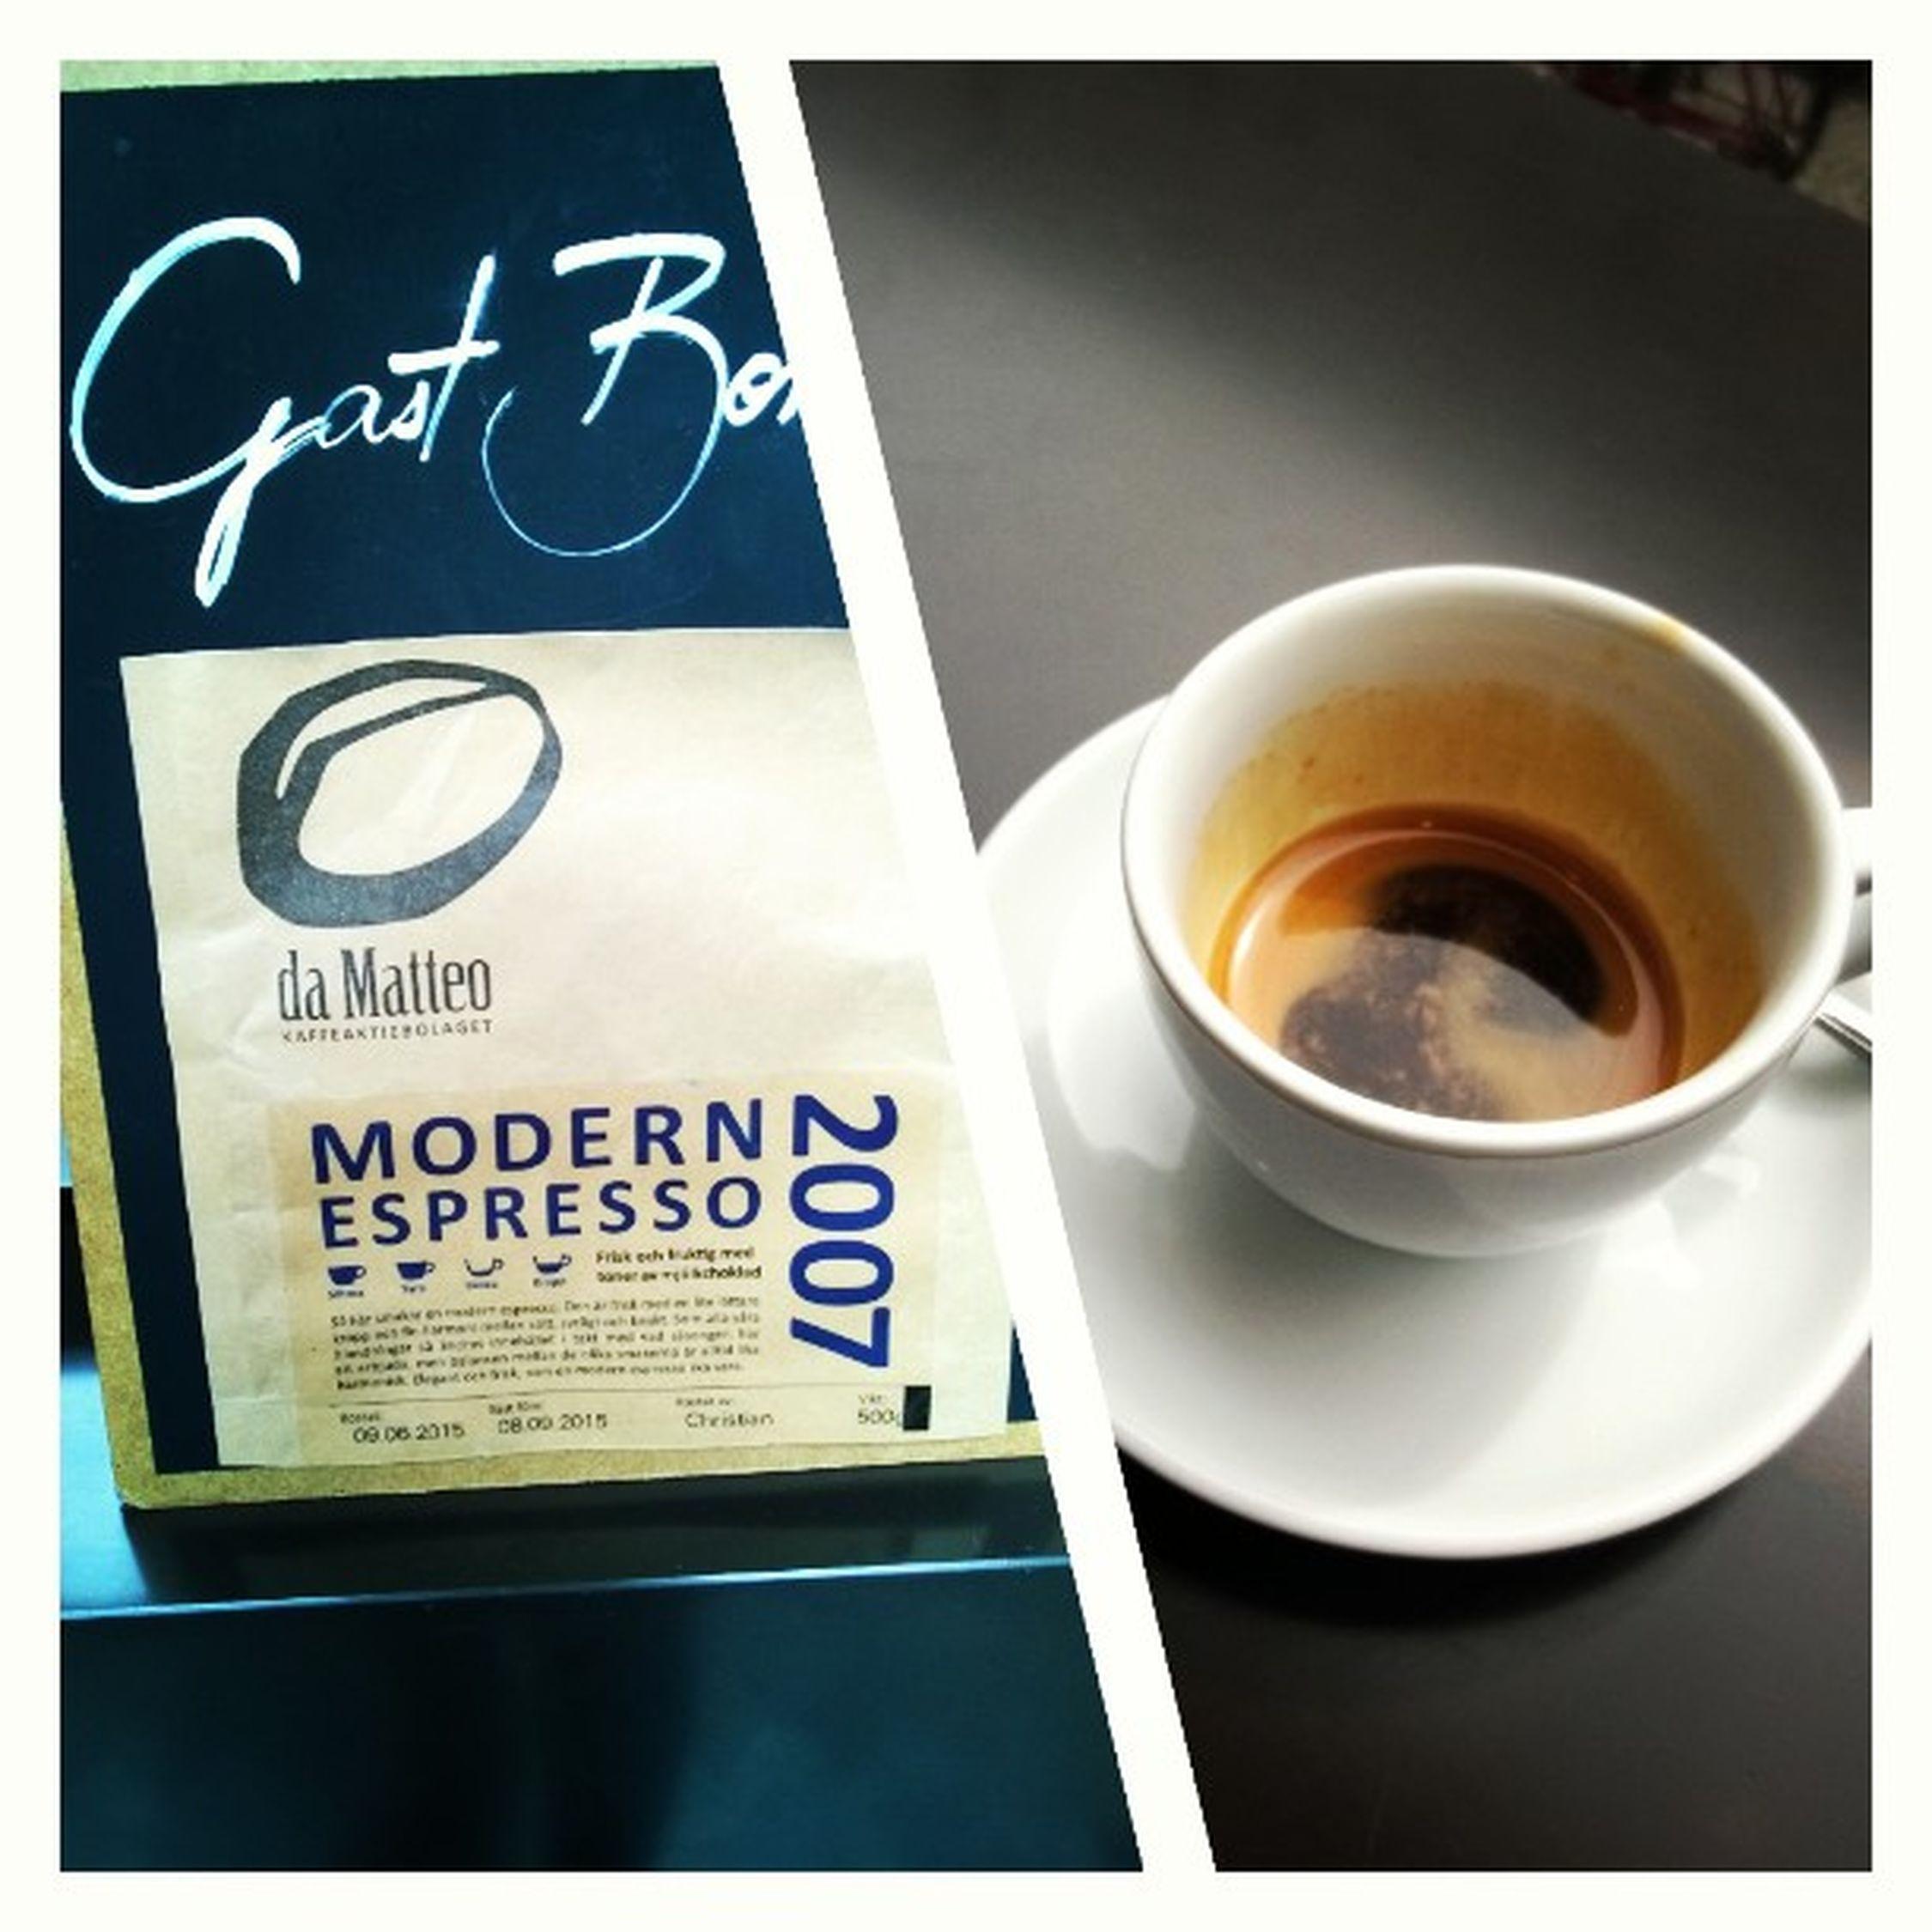 Auf Empfehlung des Barista hab ich die Gastbohne im @cafeneun ganz pur als Espresso probiert. Wow! Wenn ihr diese Woche in der Nähe seid, unbedingt probieren! So eine fruchtige intensive Säure hatte ich noch nie in der Tasse. 🍵❤